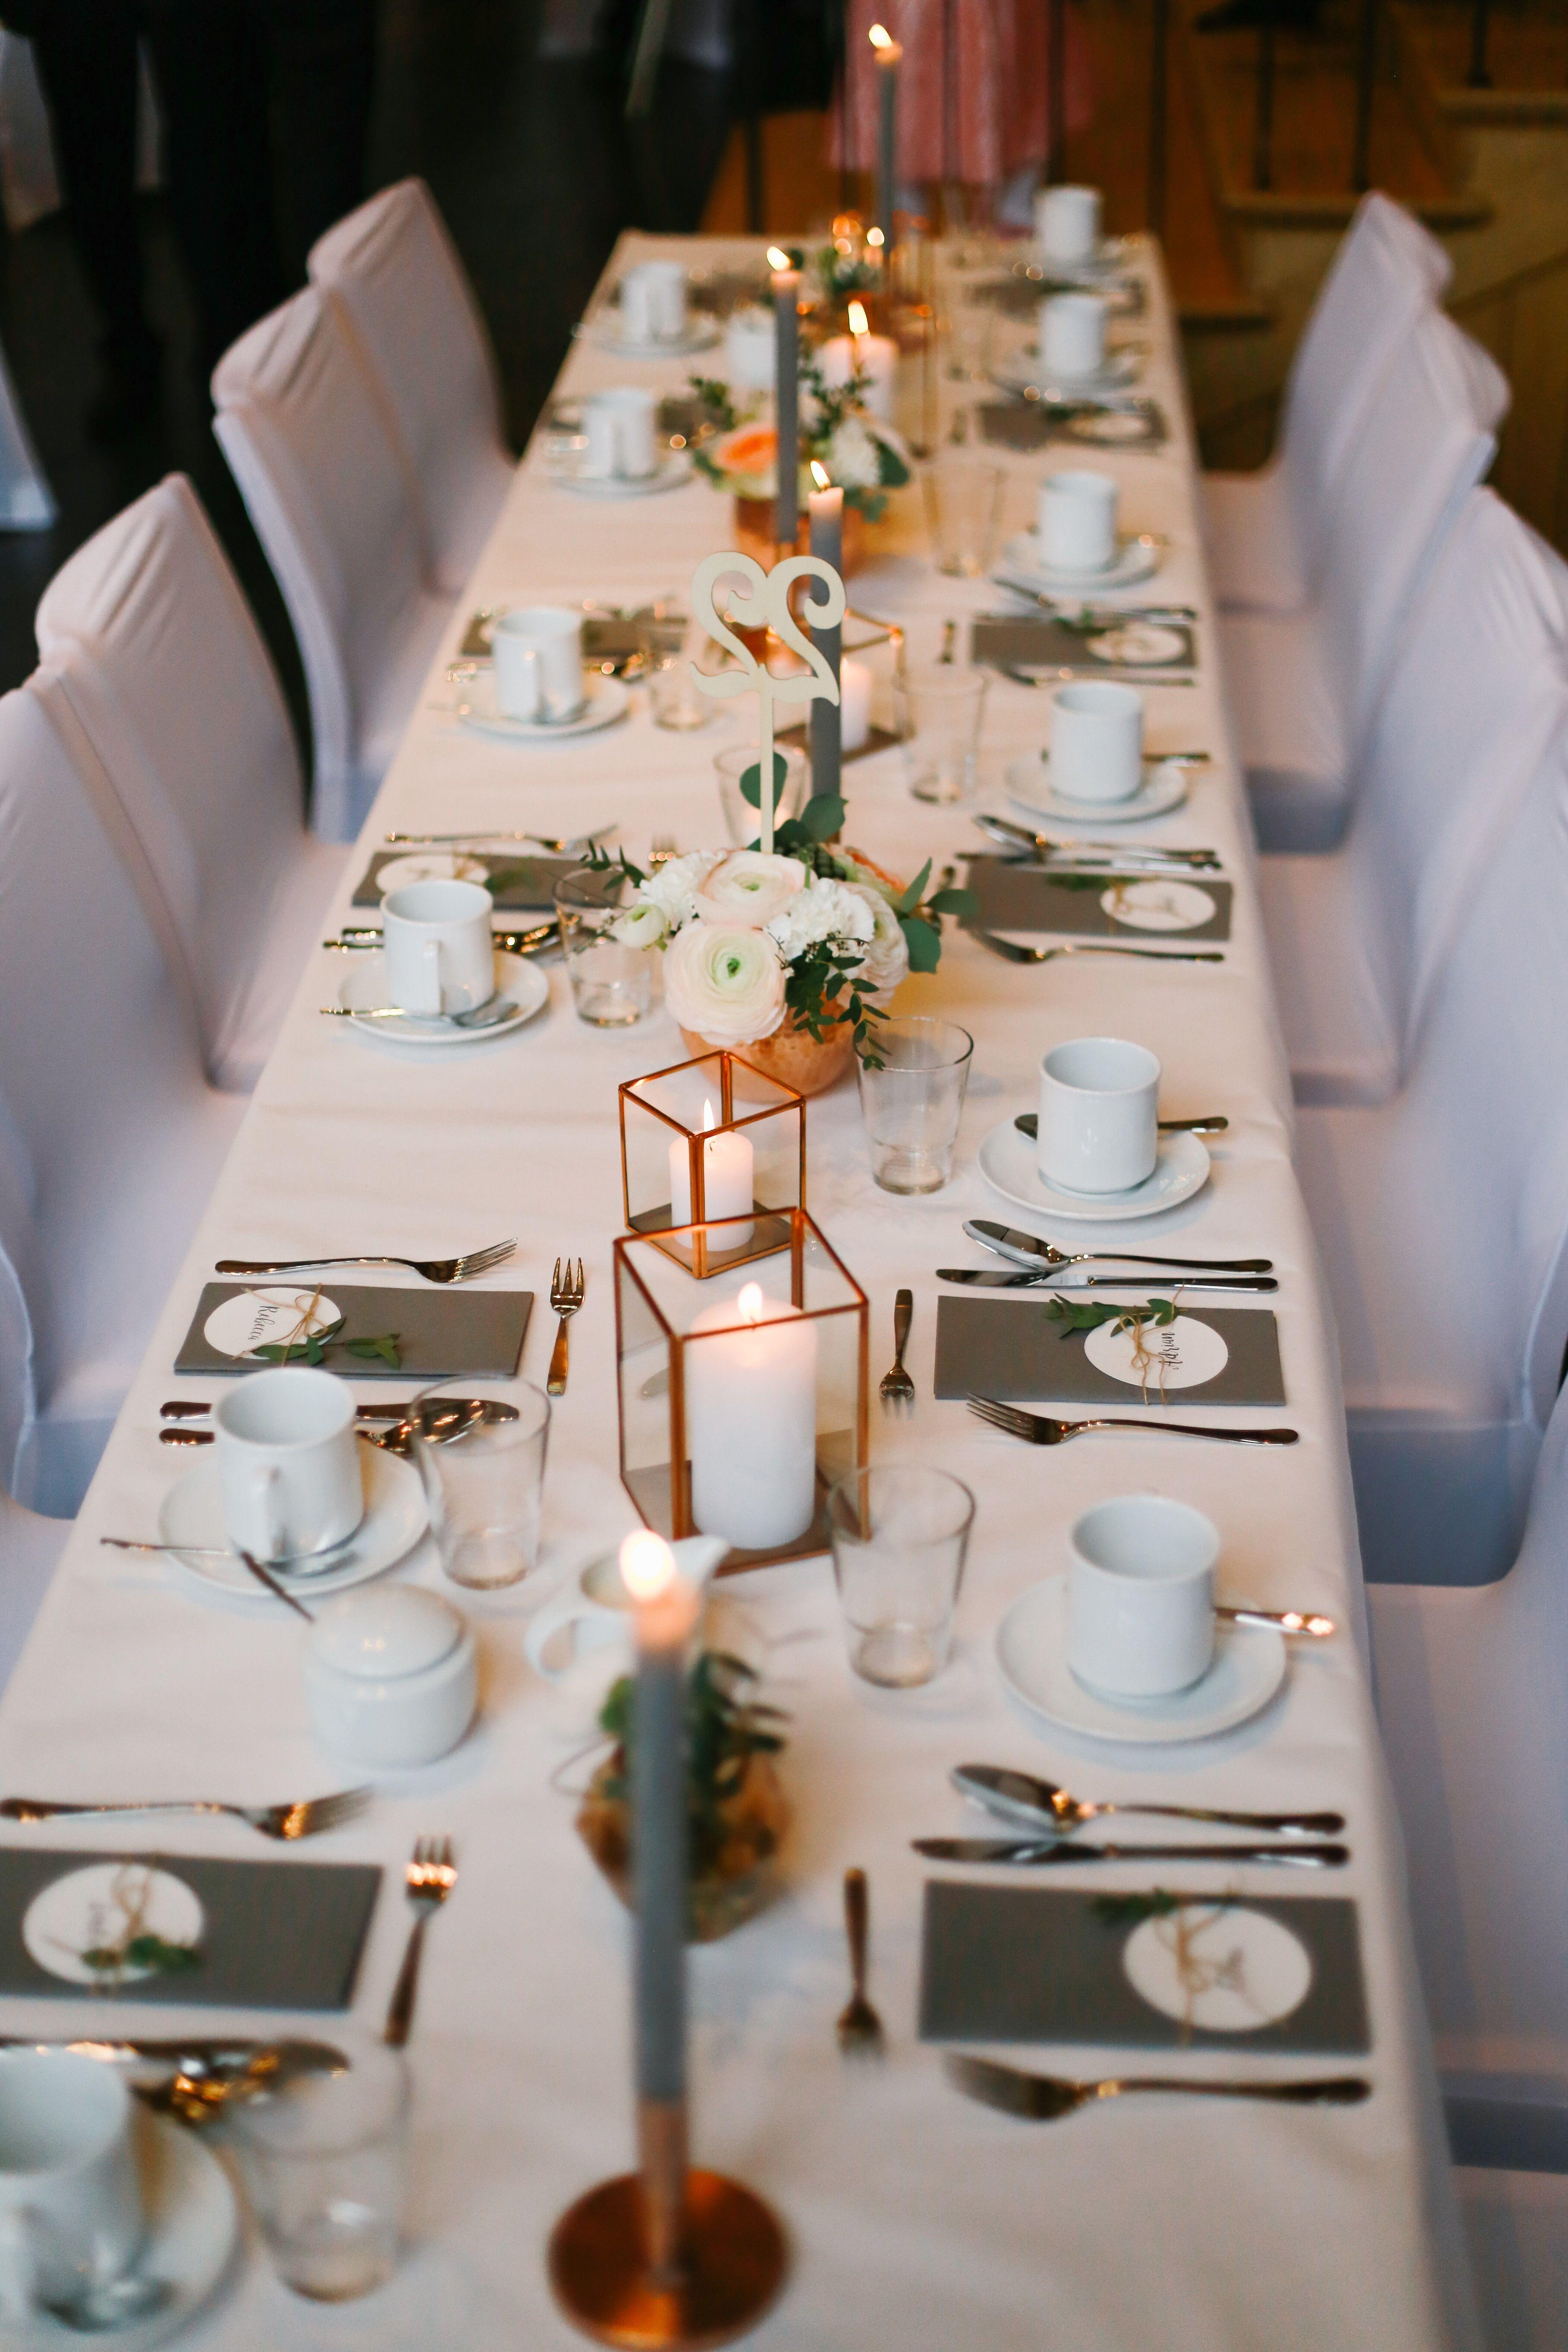 Standesamt Dekoration Hochzeit Tolle Tischdekoration Fur Die Lange